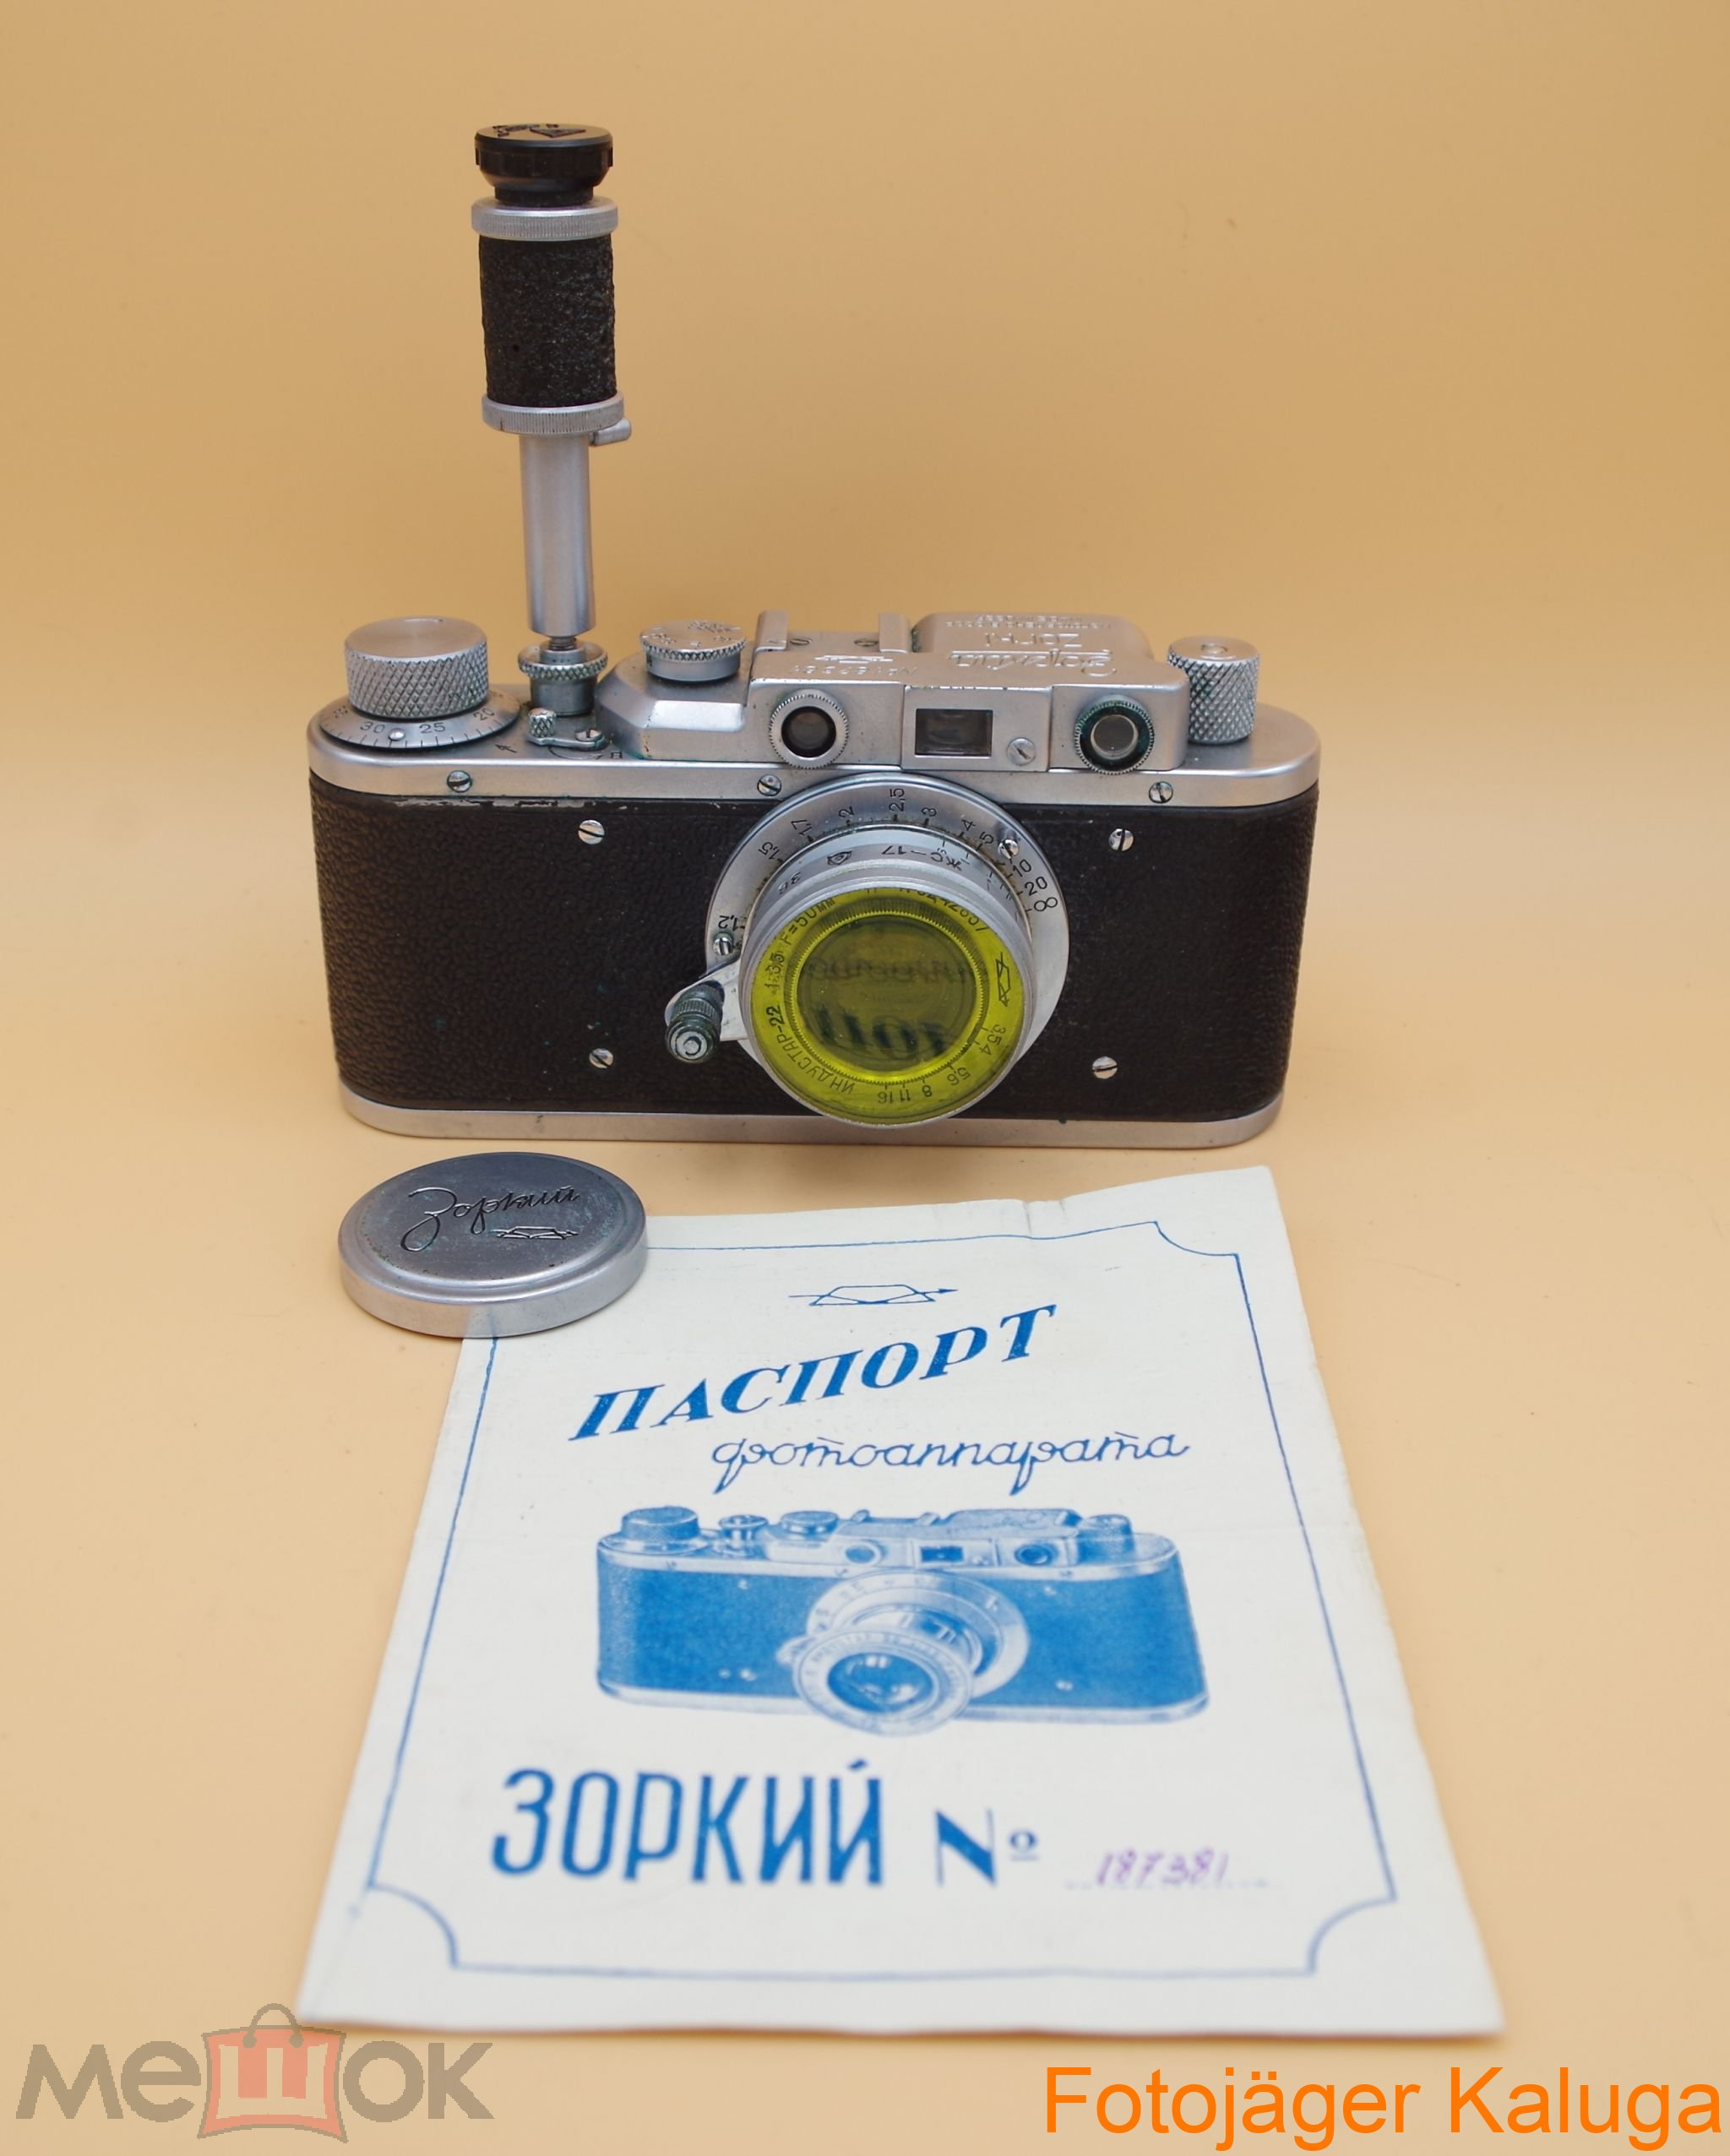 """Редкий сохран!!! Коробочный вариант фотоаппарата """"Зоркий"""" №187381 экспорт (двойной зоркий) СССР."""